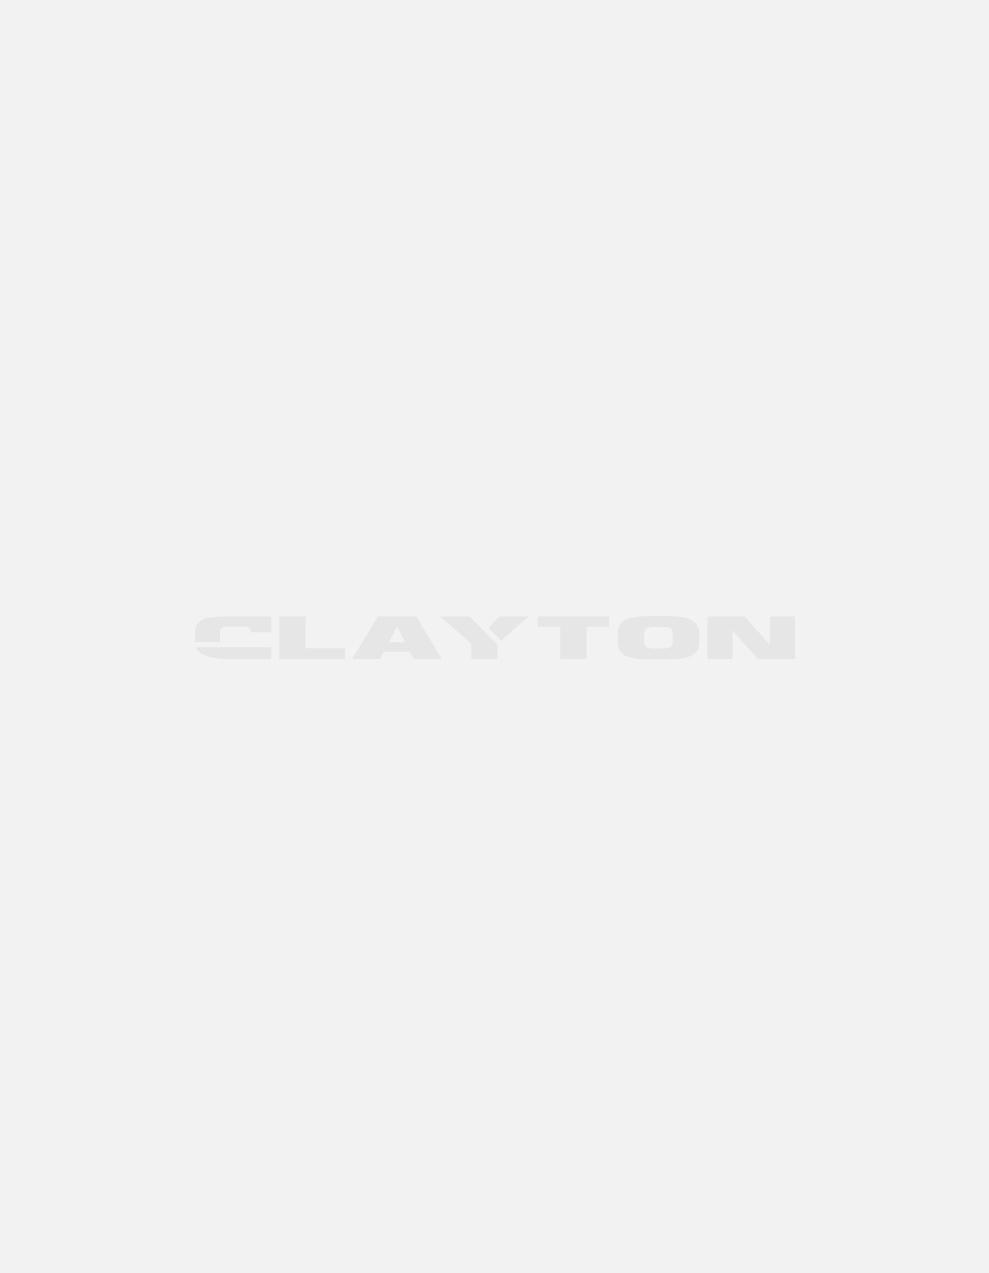 CARTA REGALO 150 EURO